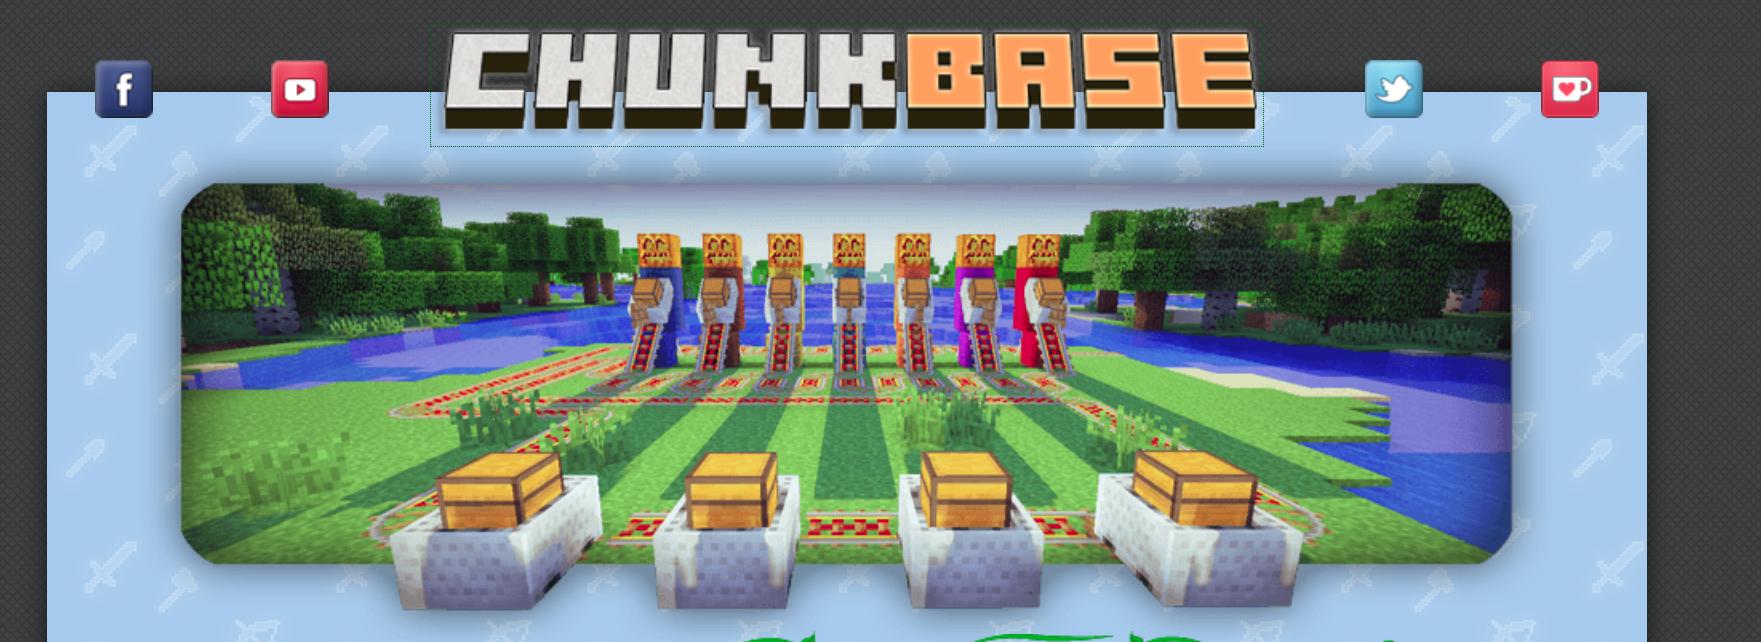 A Screenshot of Chuinkbase